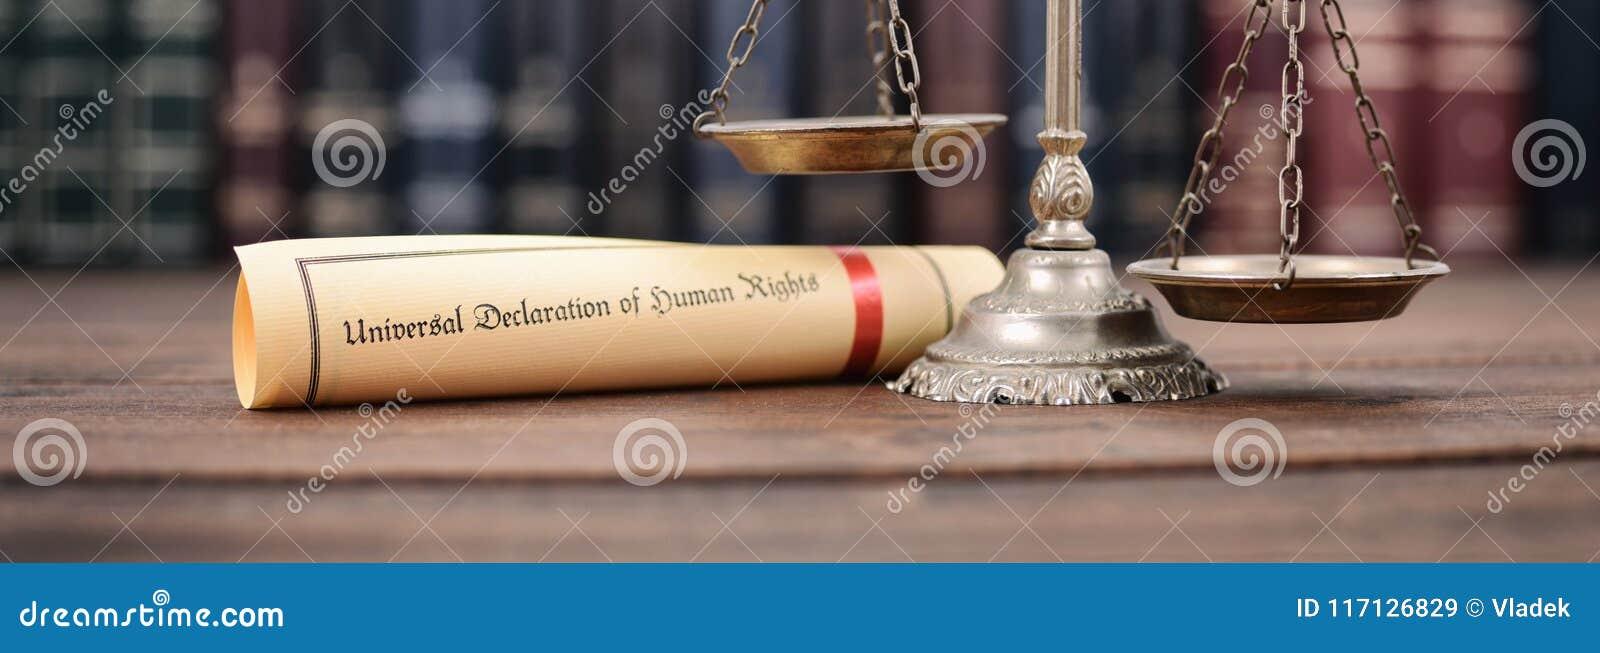 Κλίμακες της δικαιοσύνης, καθολική δήλωση των ανθρώπινων δικαιωμάτων